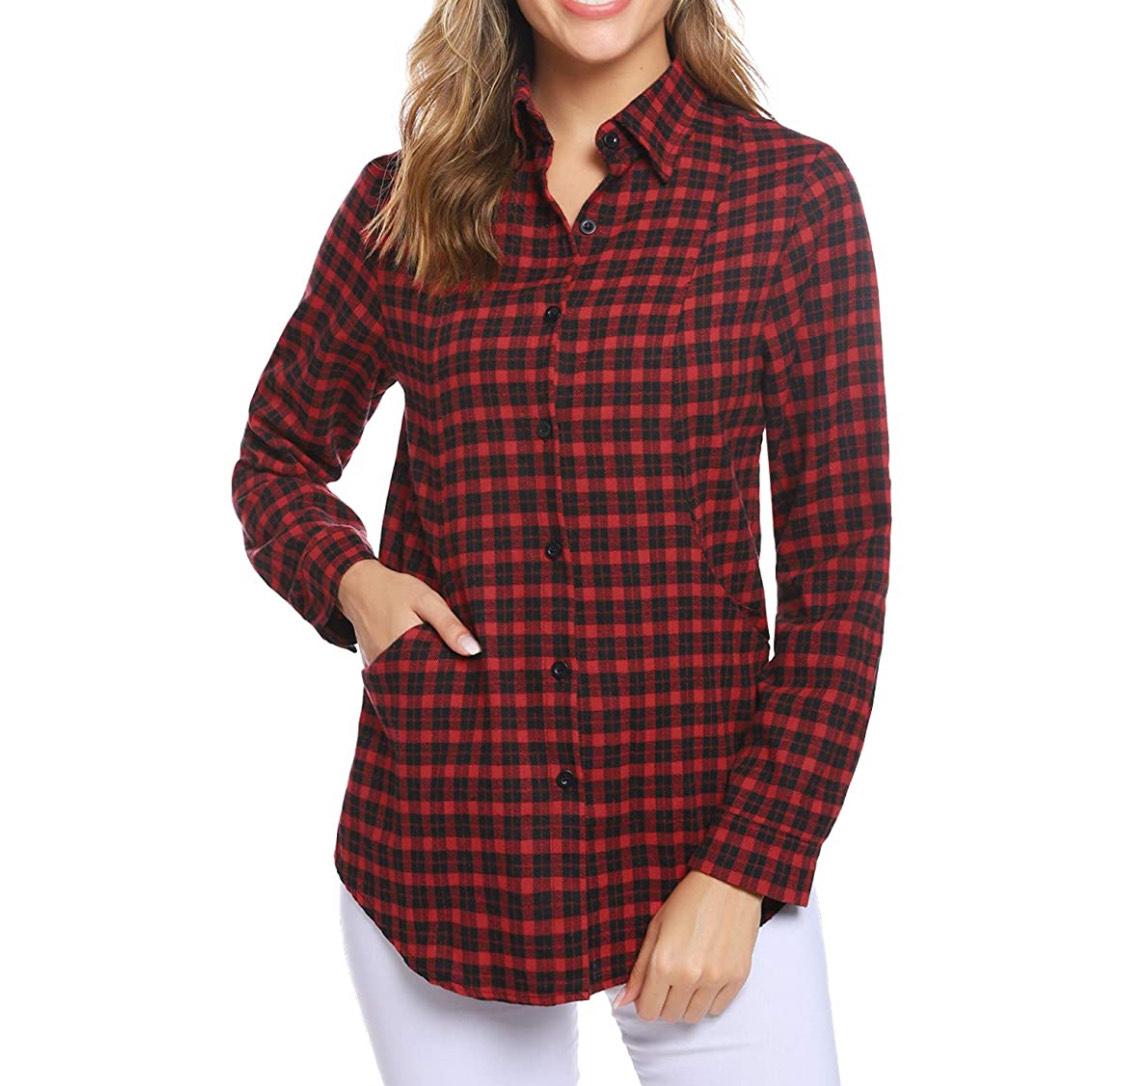 Camisa a cuadros de franela mujer tallas XL y XXL.